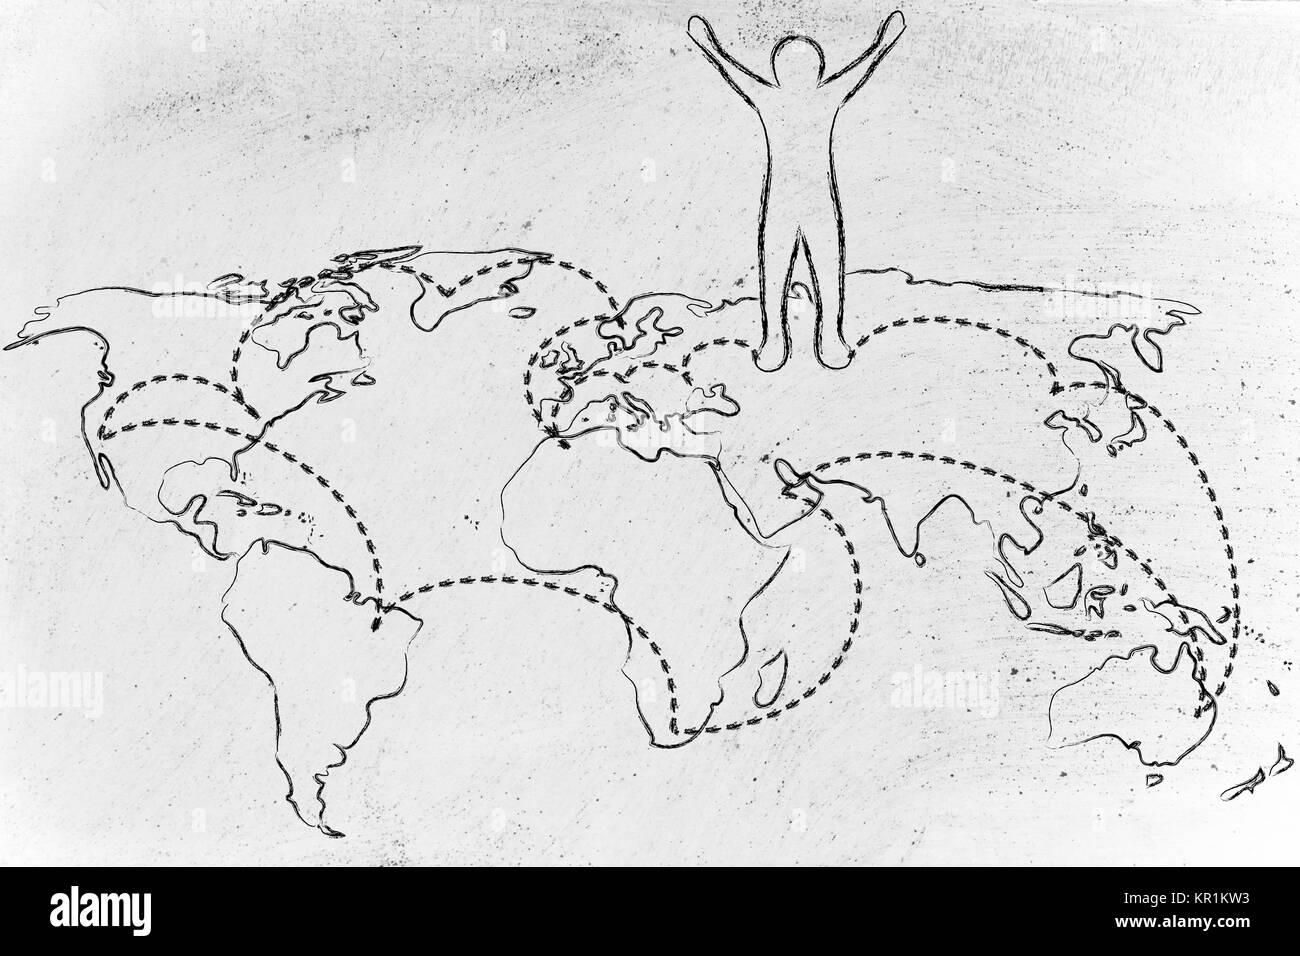 La Vie De Globetrotter Carte Du Monde Avec Les Lieux Visites